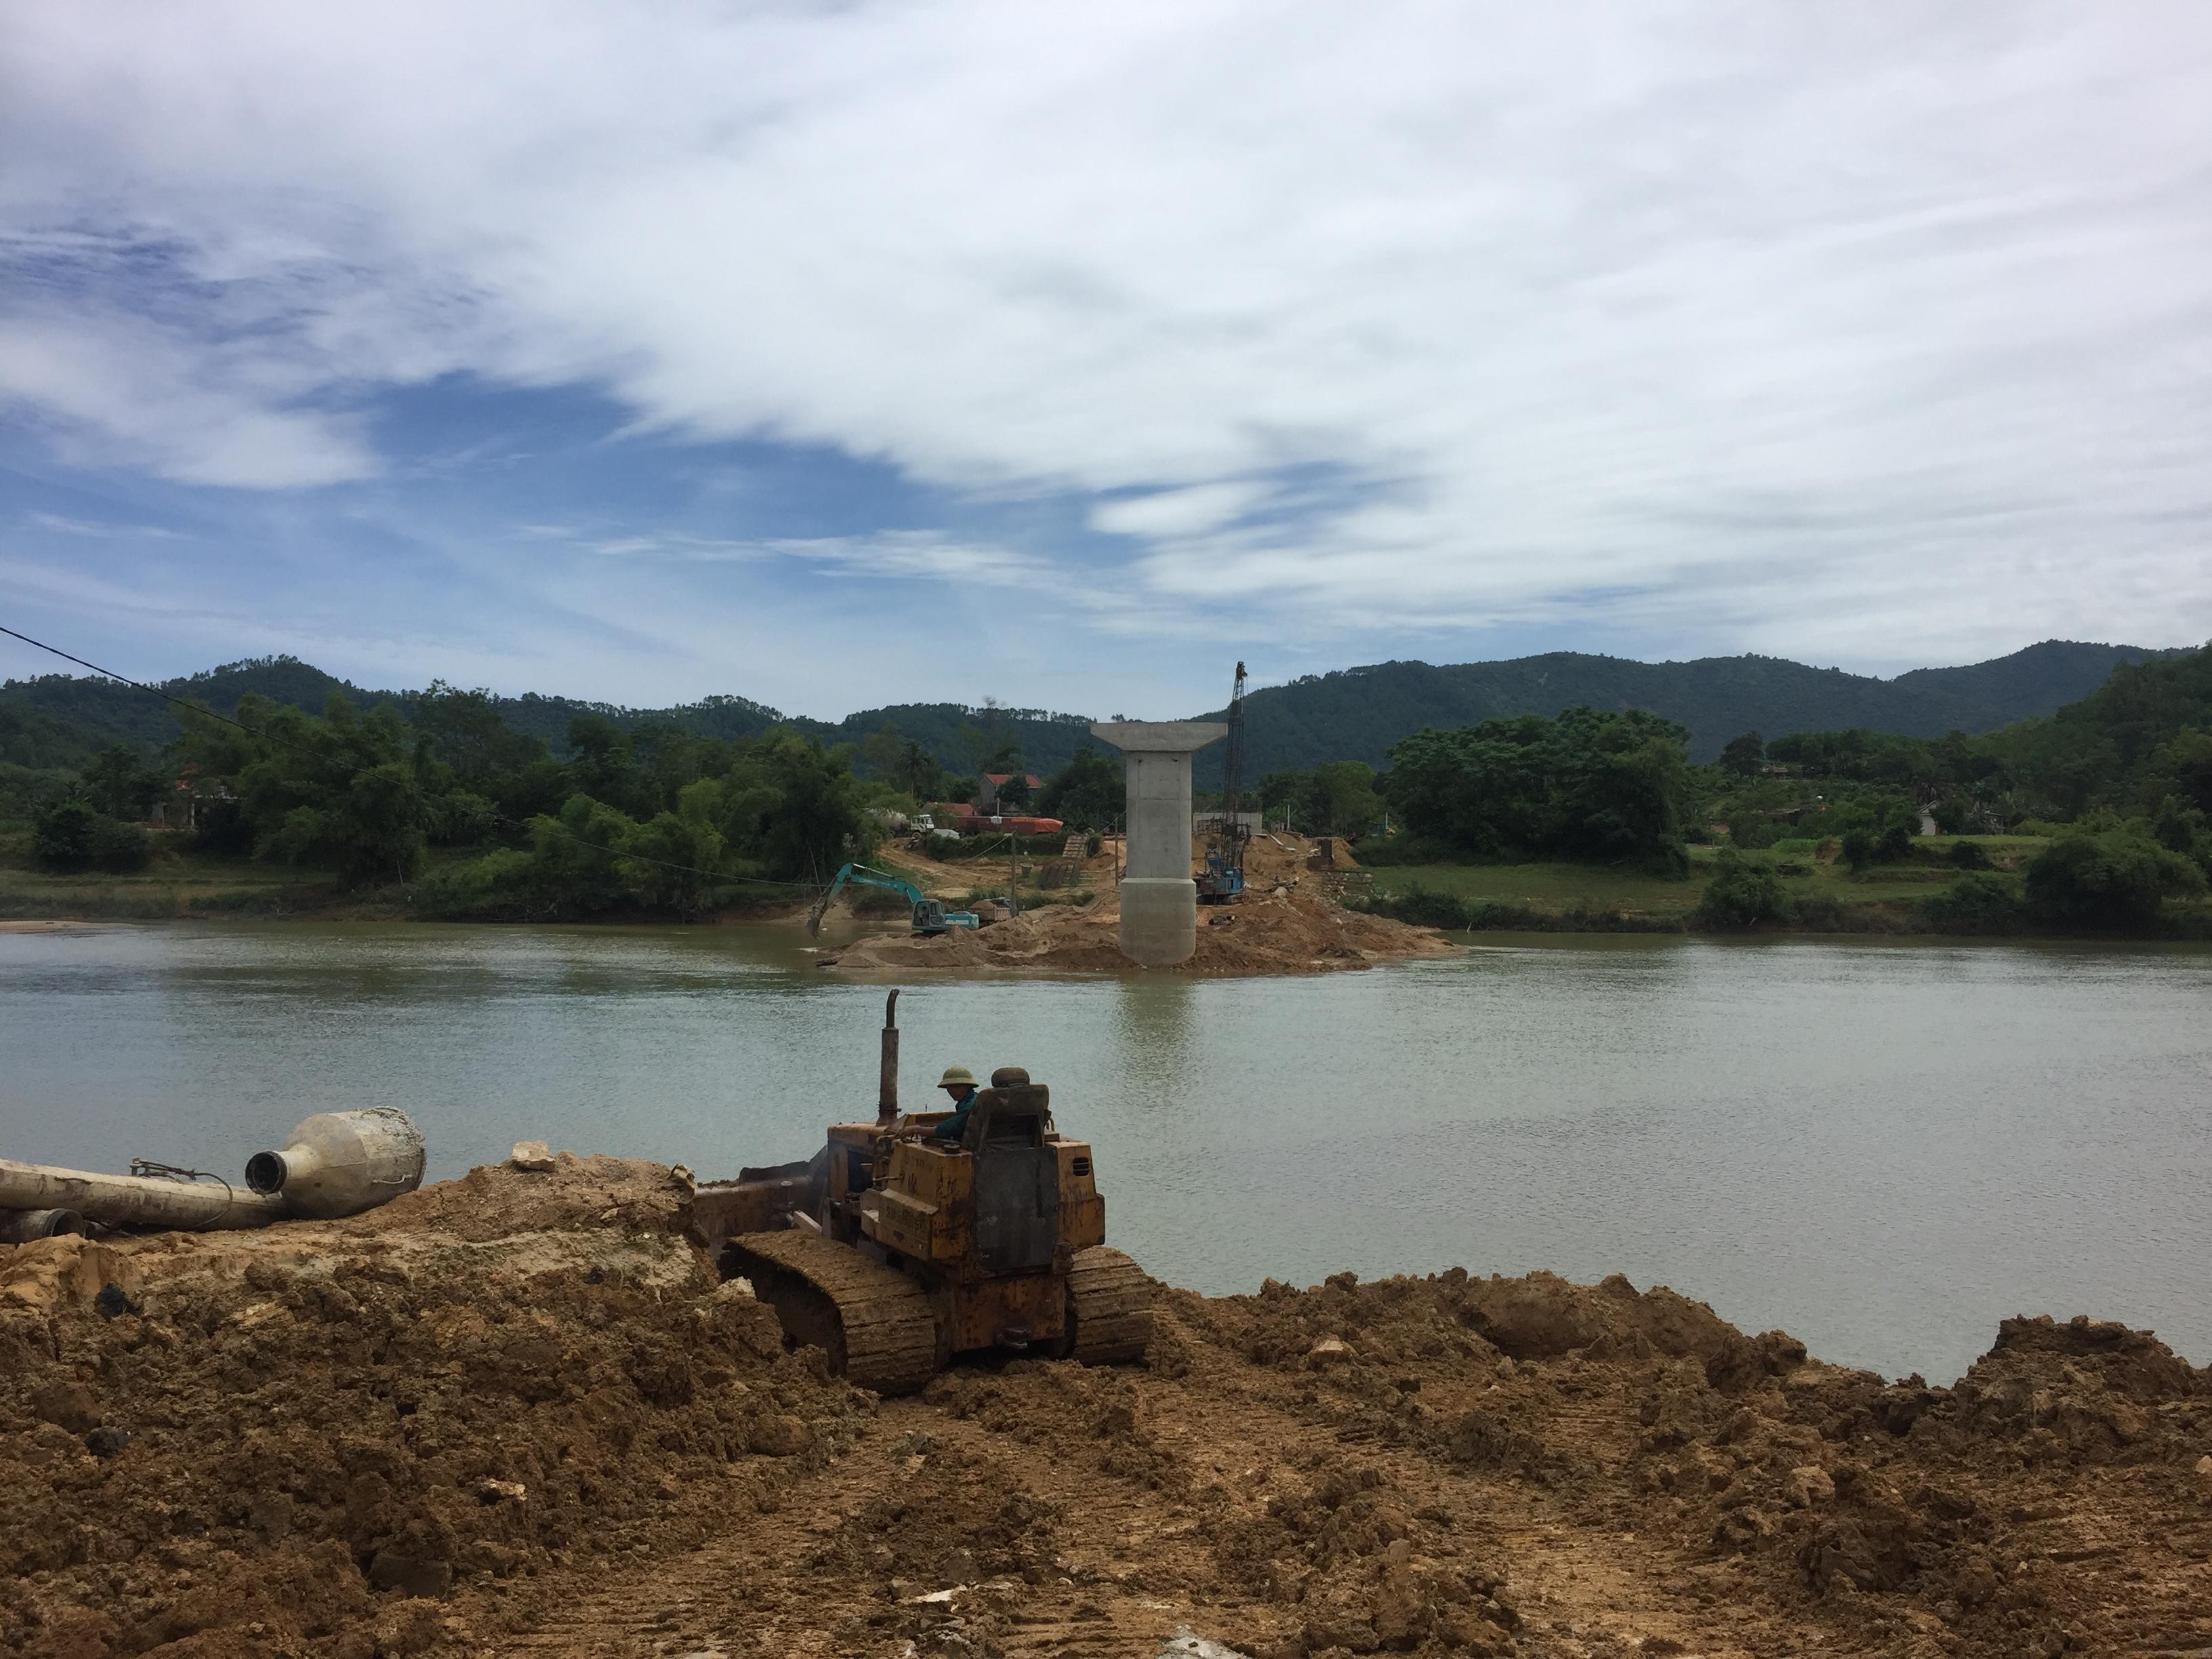 Lãnh đạo Sở GTVT kiểm tra tiến độ thi công công trình cầu Liên Hòa, huyện Vũ Quang